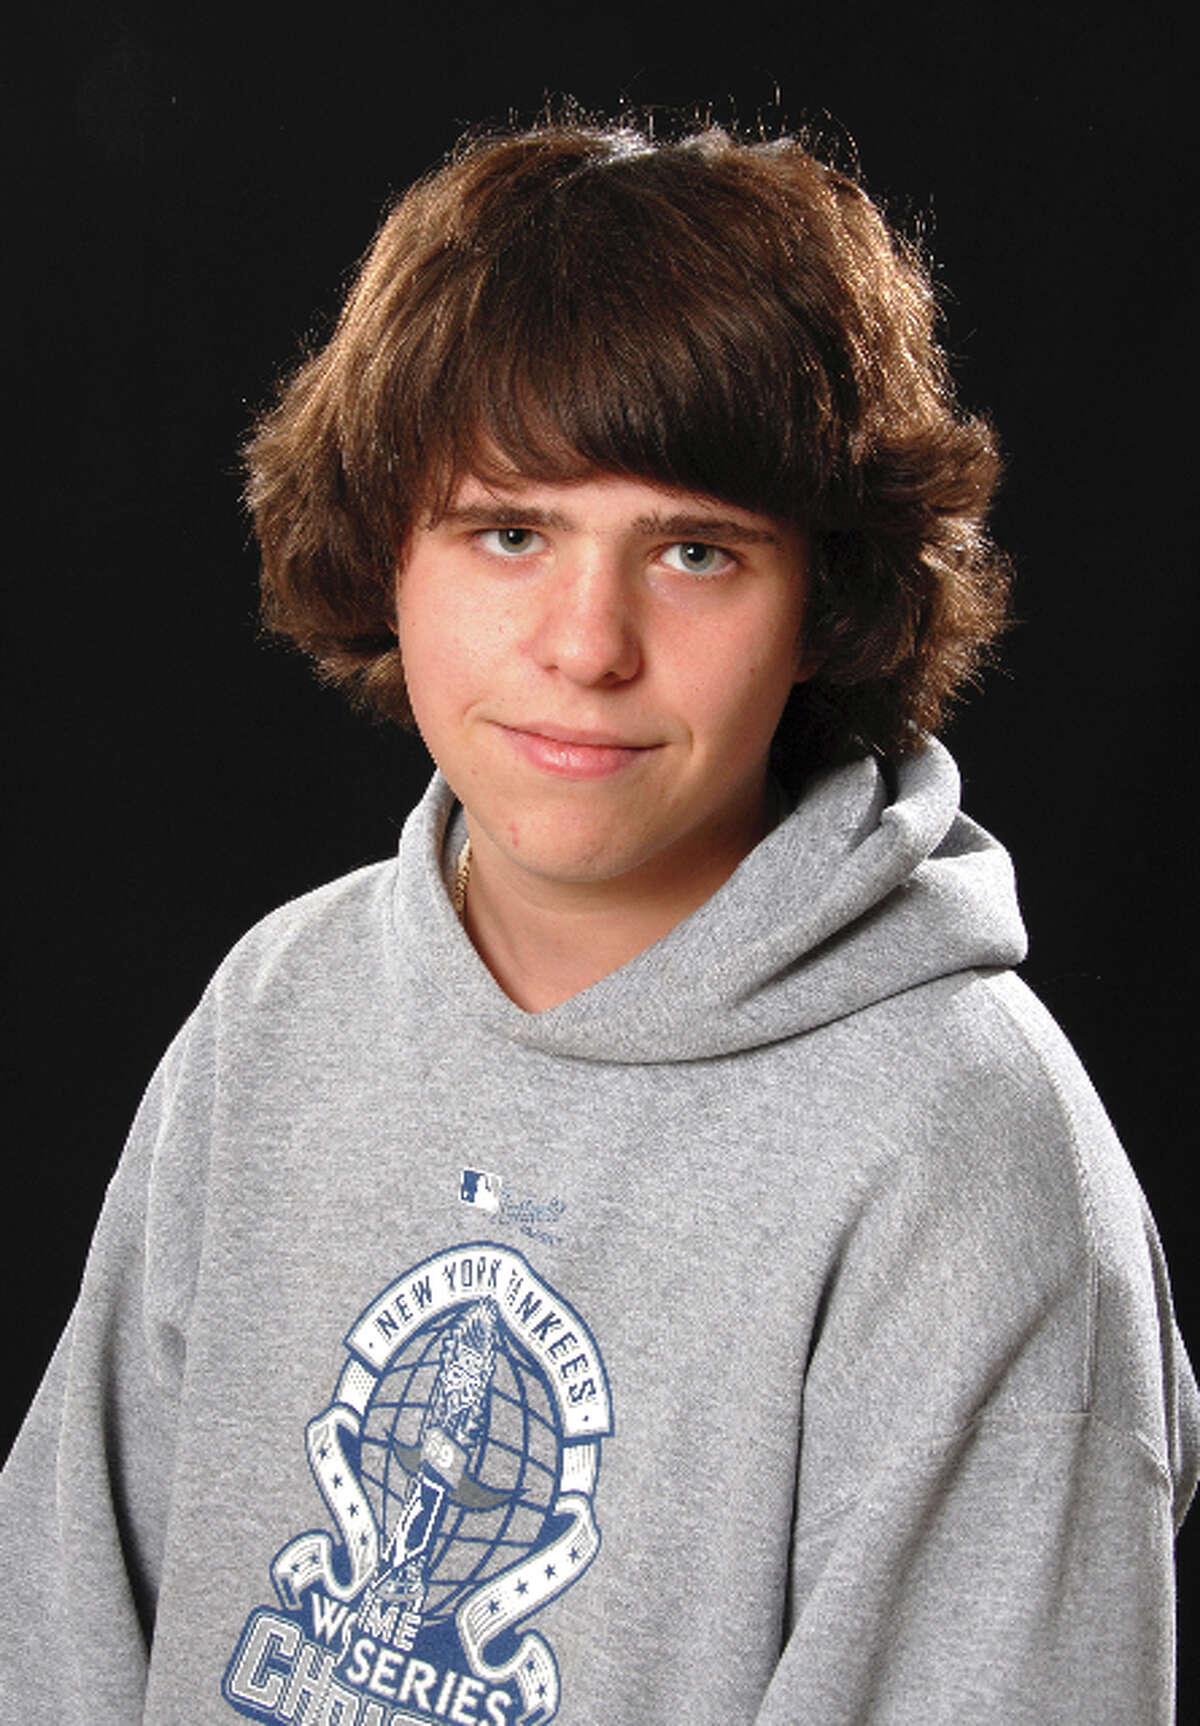 Gabriel Ryan